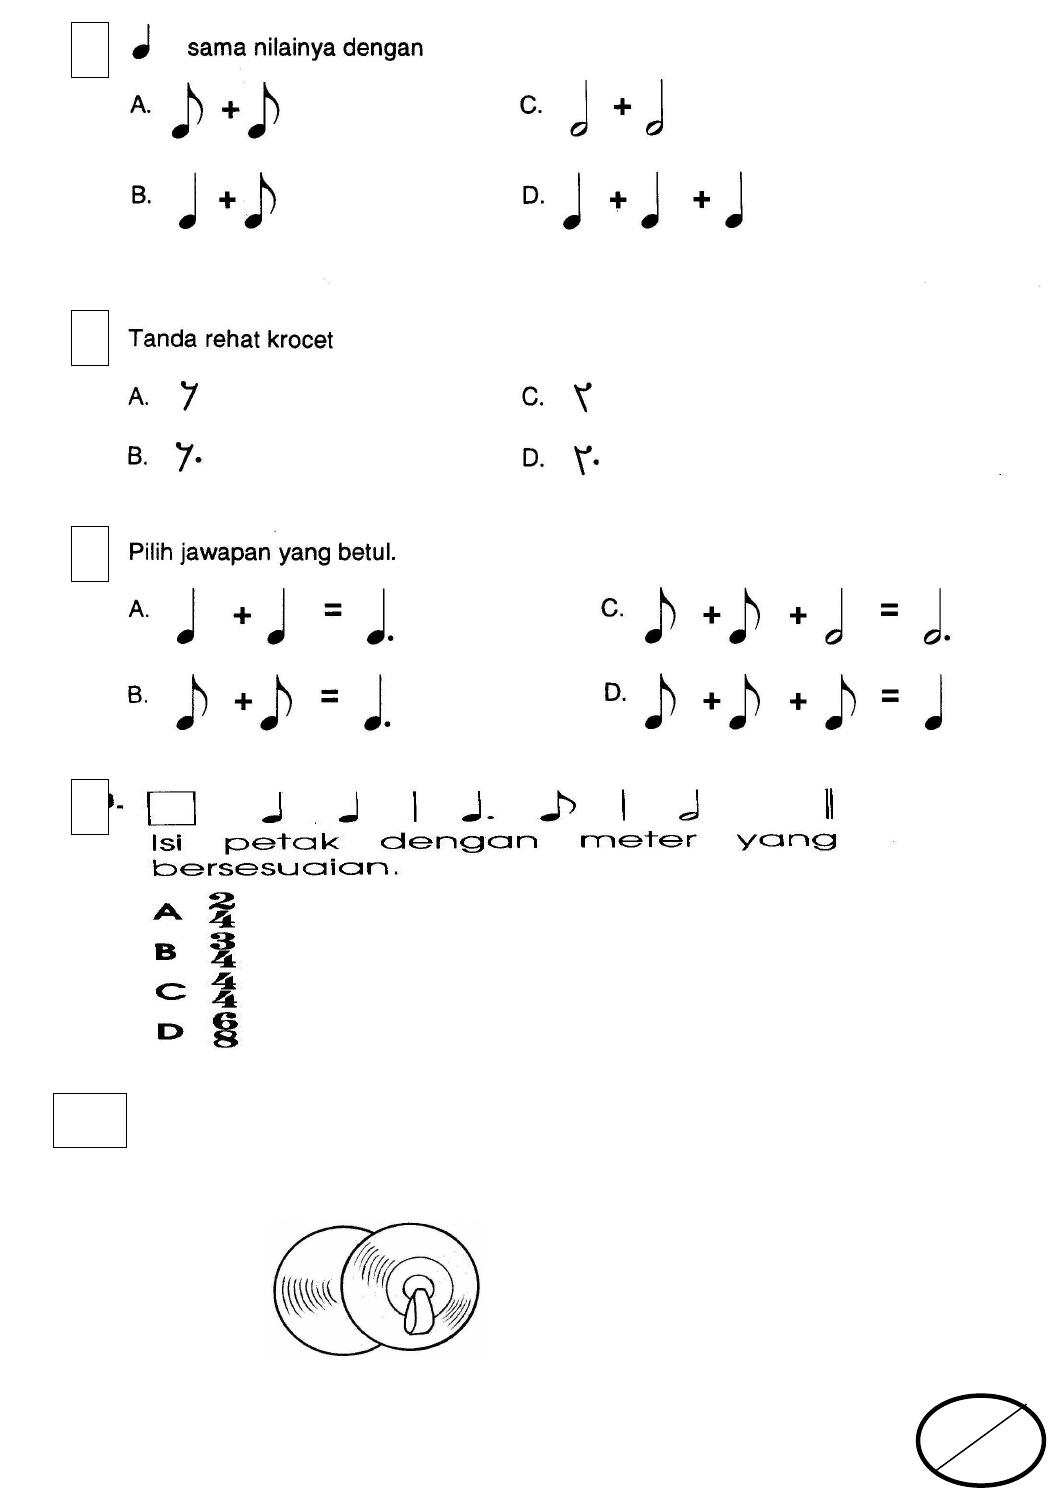 Peperiksaan Awal Tahun Dunia Muzik Tahun 4 Menarik soalan Muzik Tahun 4 5 6 Doc Document Of Jom Download Soalan Peperiksaan Awal Tahun Dunia Muzik Tahun 4 Yang Terhebat Khas Untuk Para Ibubapa Lihat!